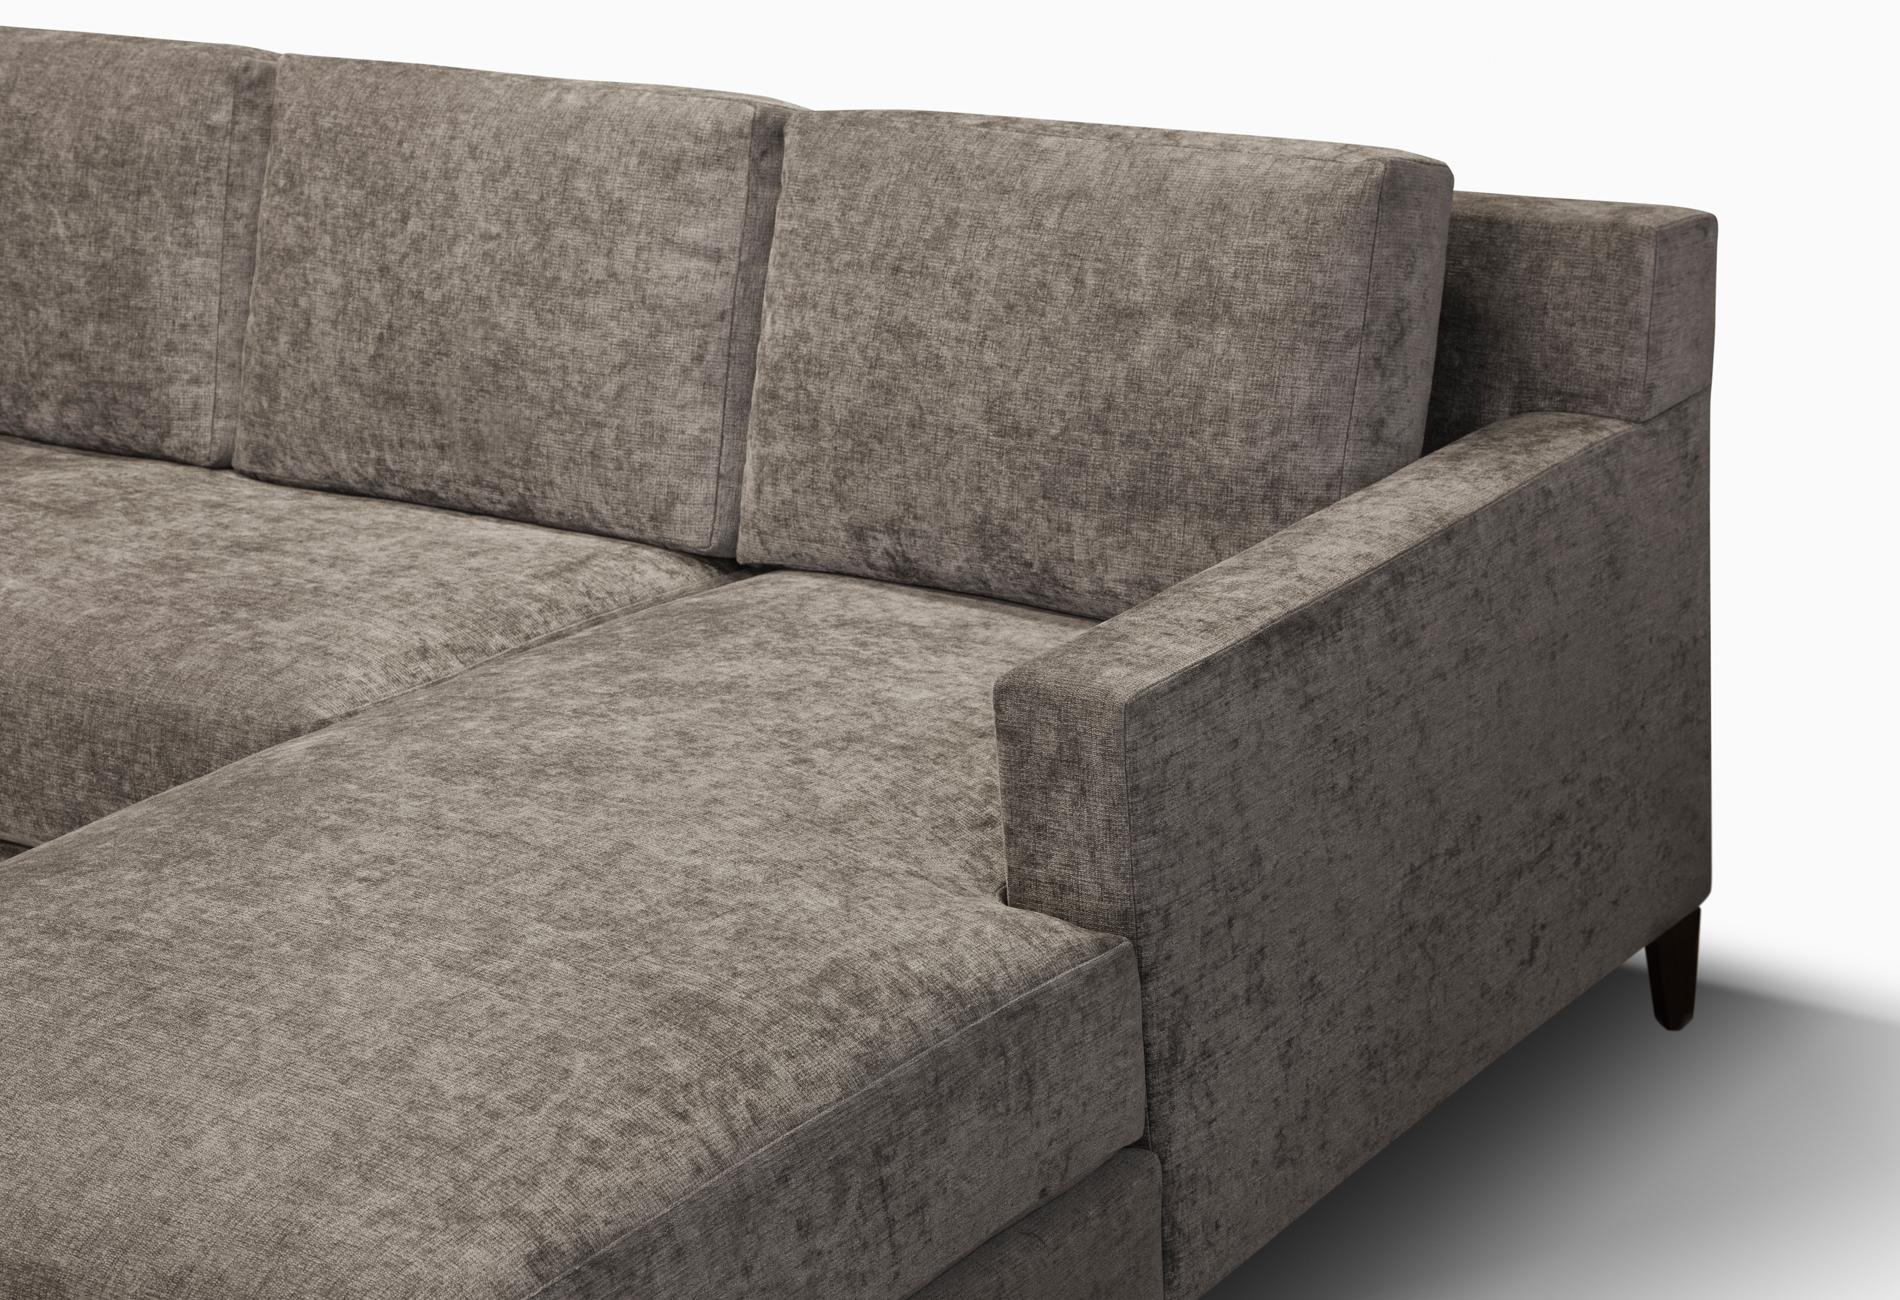 CMS Custom Sectional Sofa 003 (3).jpg